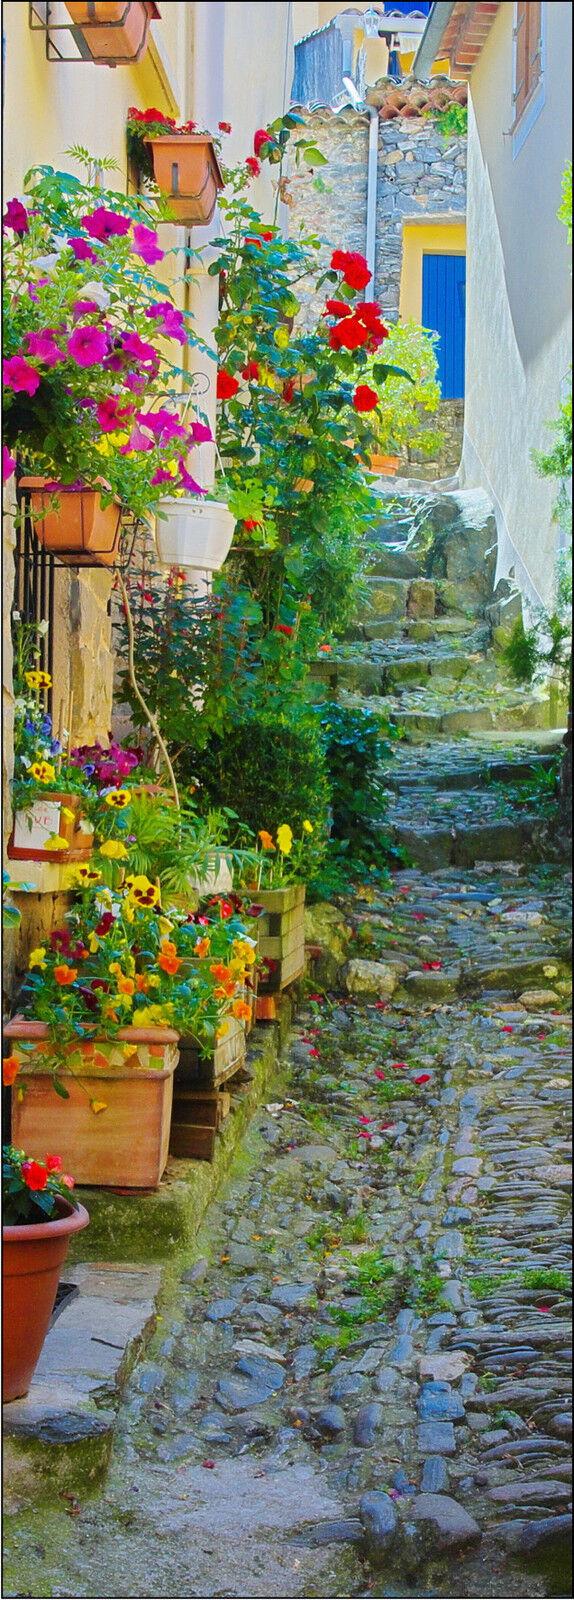 Poster porta decocrazione inganna l'occhio Vicolo fiori fiori fiori ref 725 - 4 dimensioni 3aab73